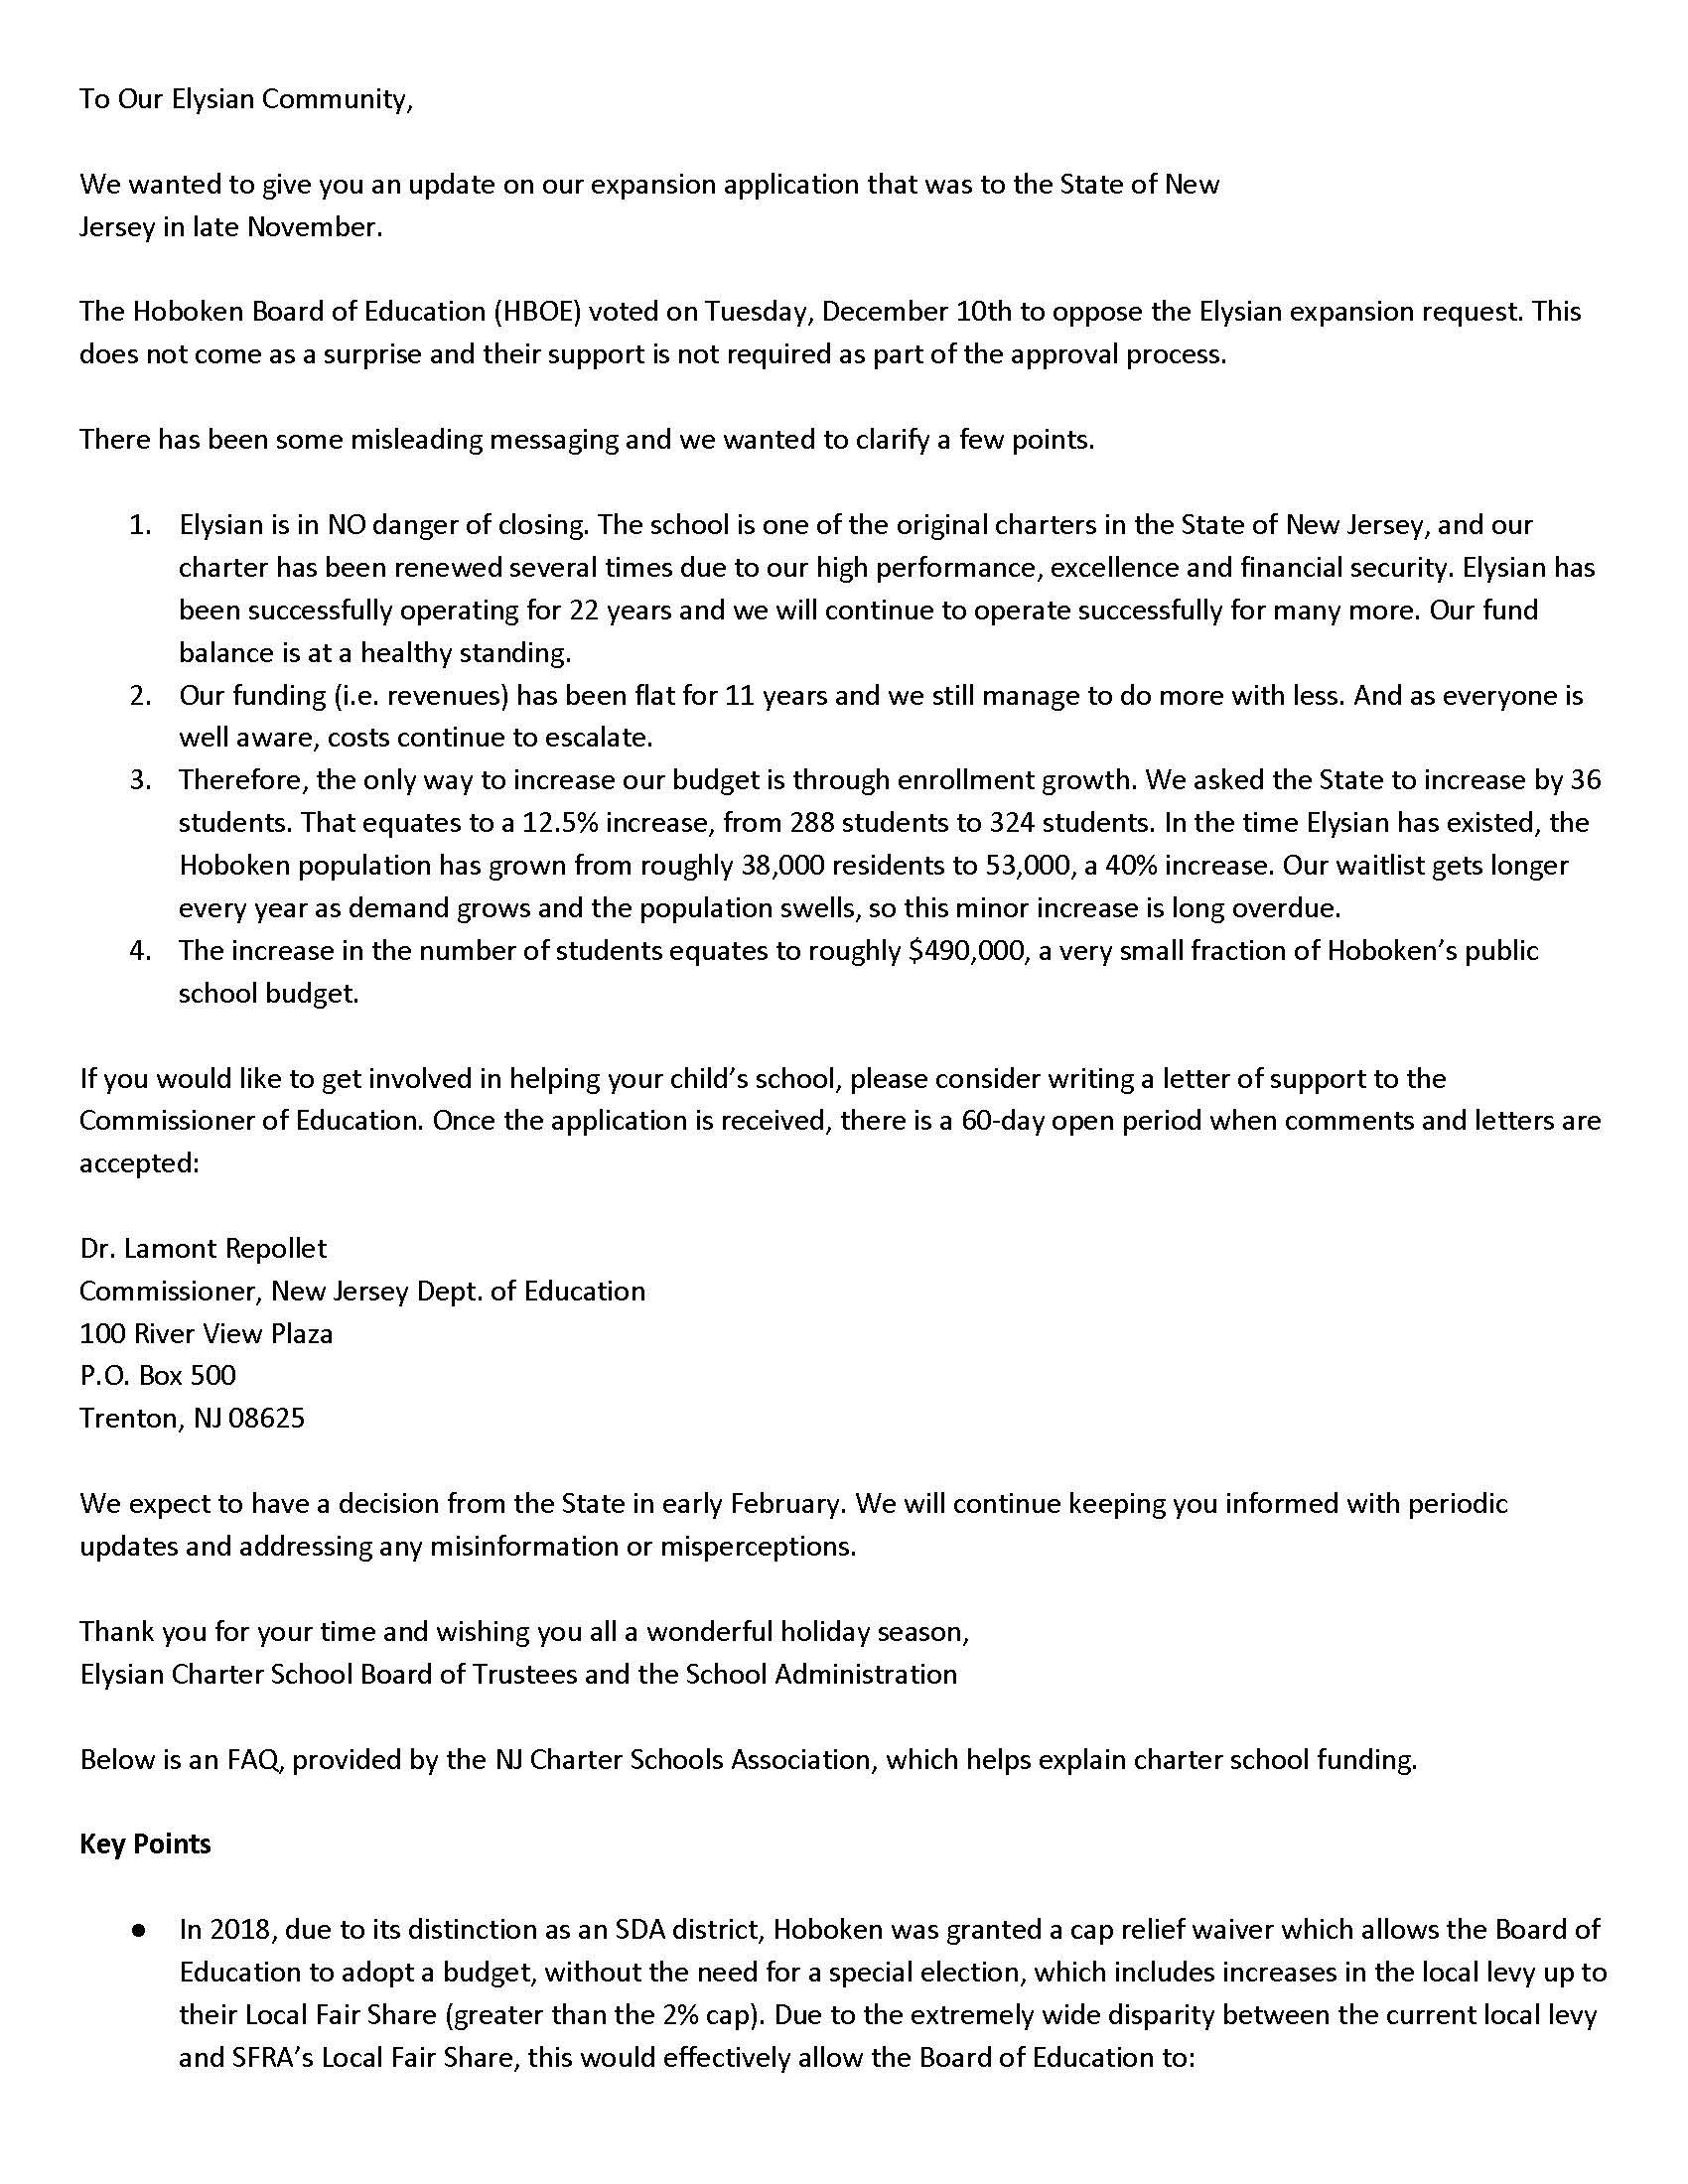 PDF of letter